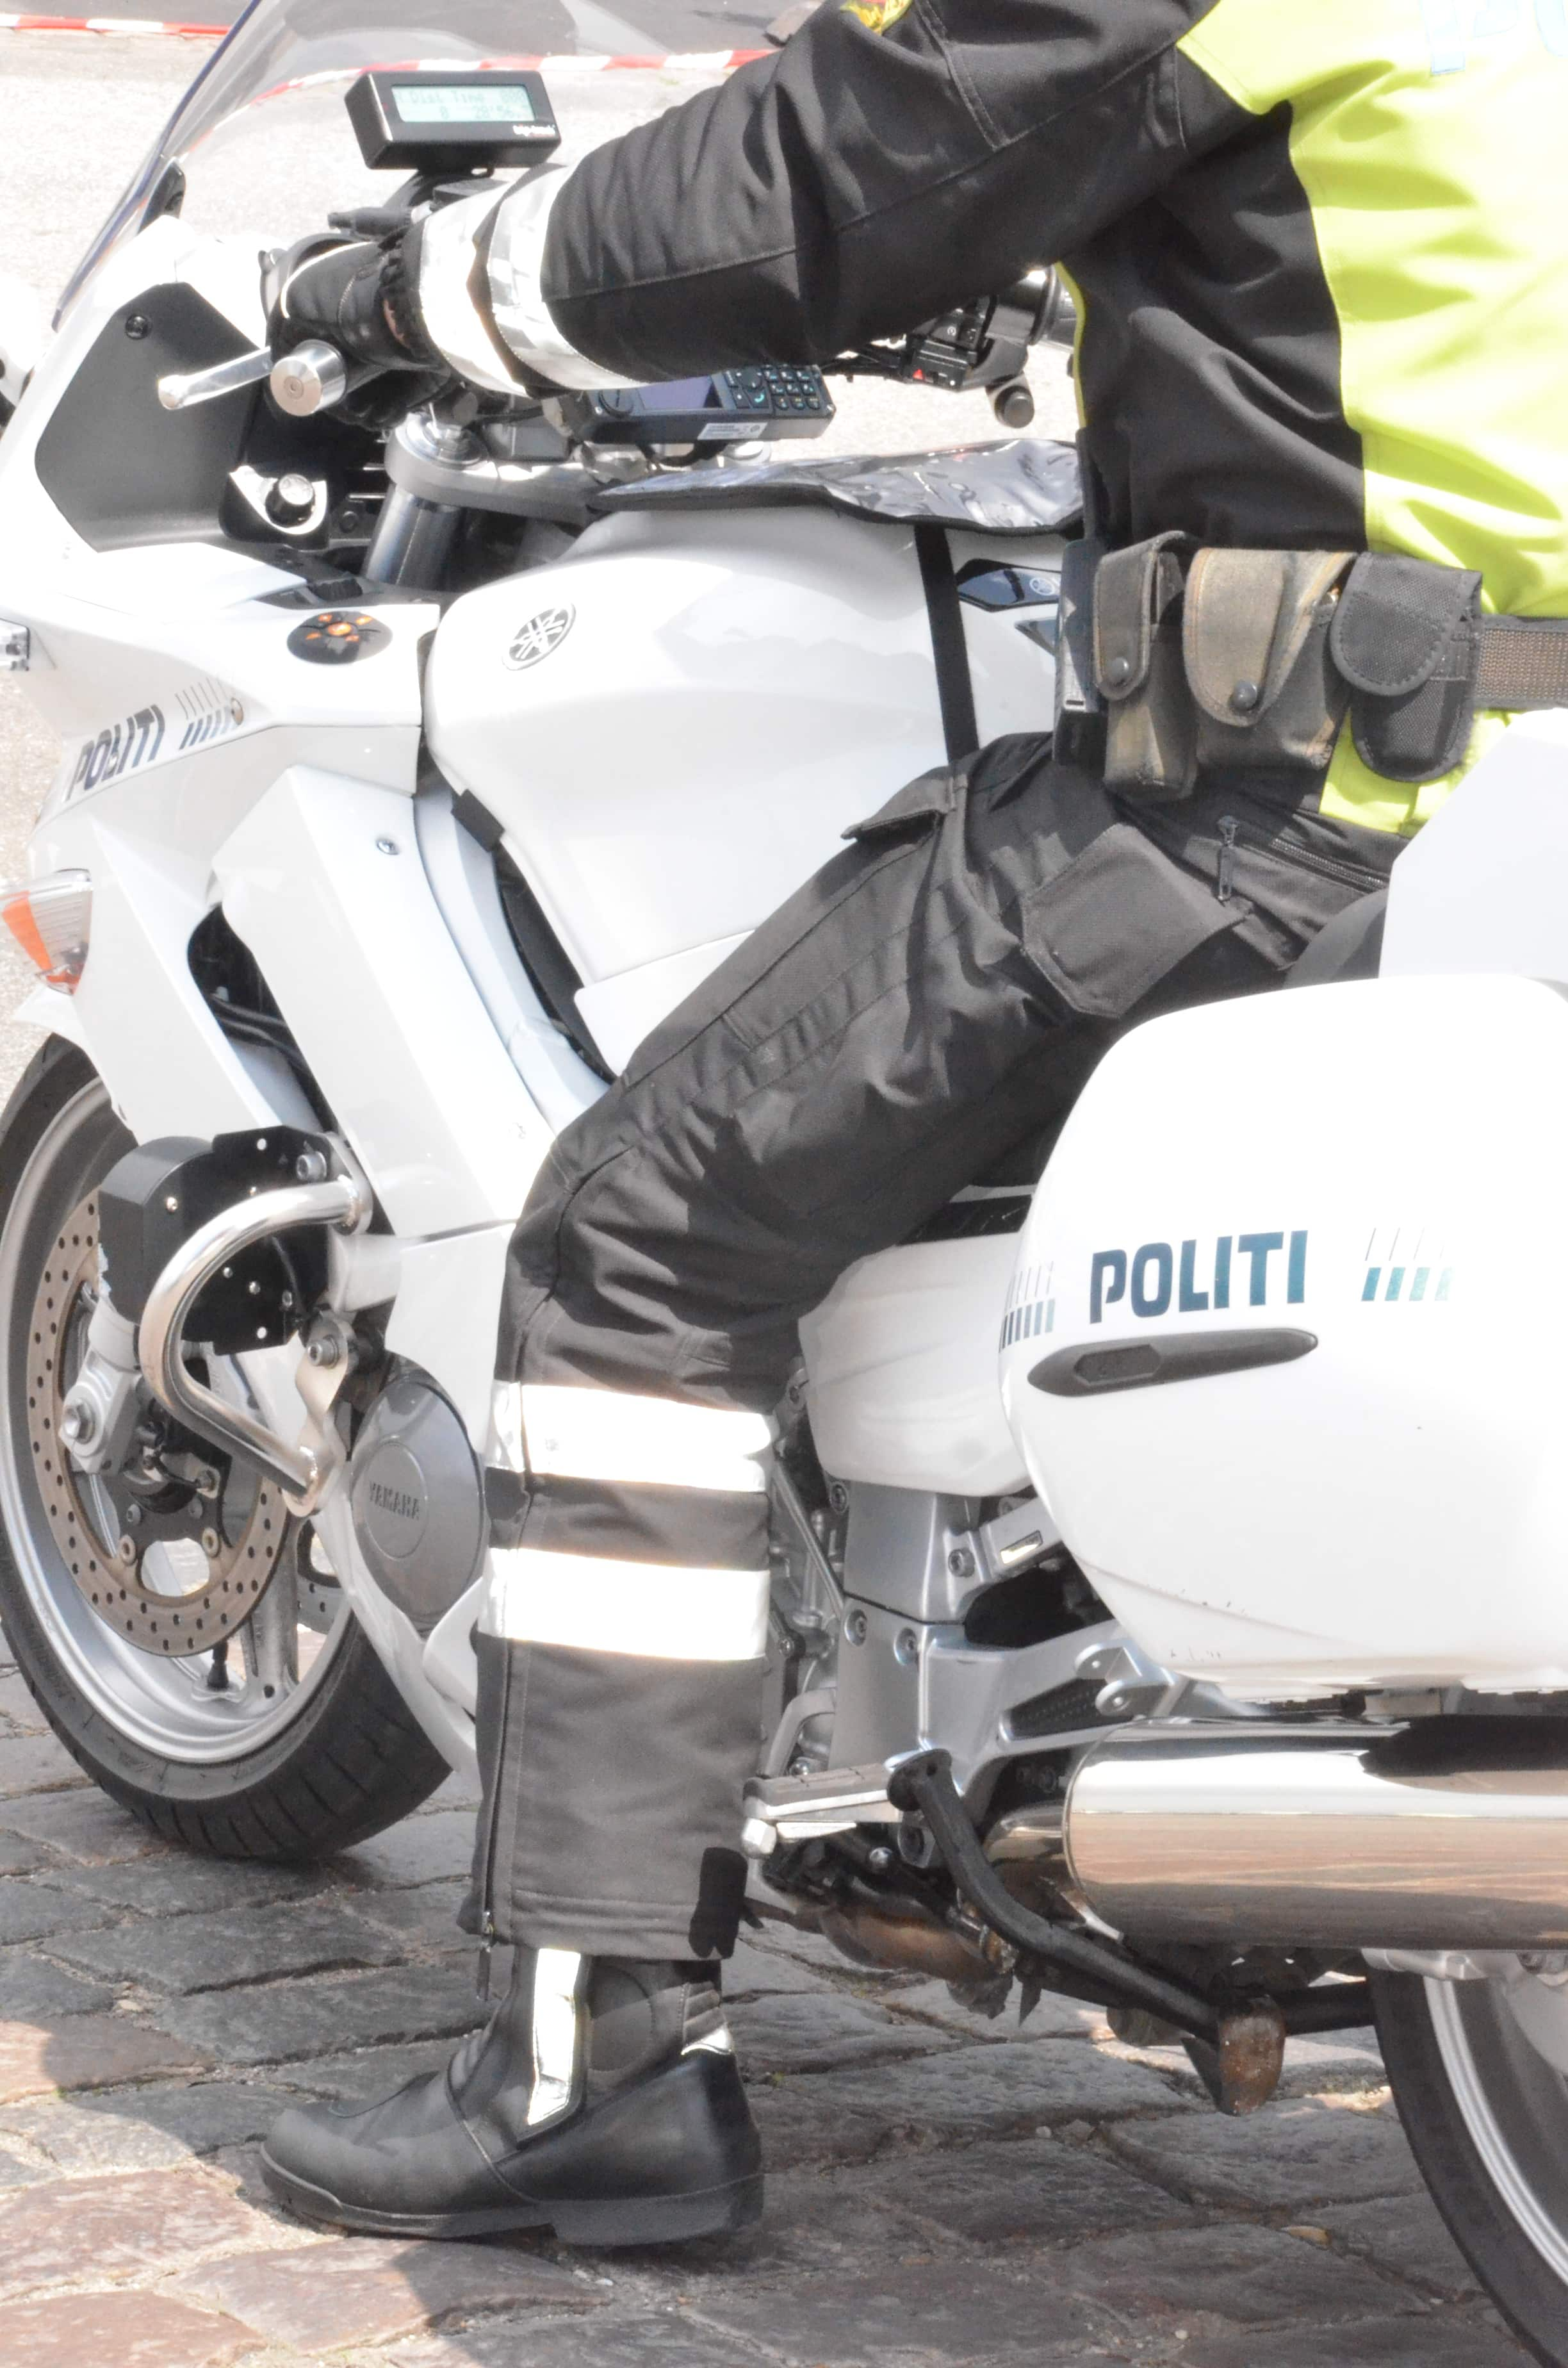 En politbetjent på en motorcykel.